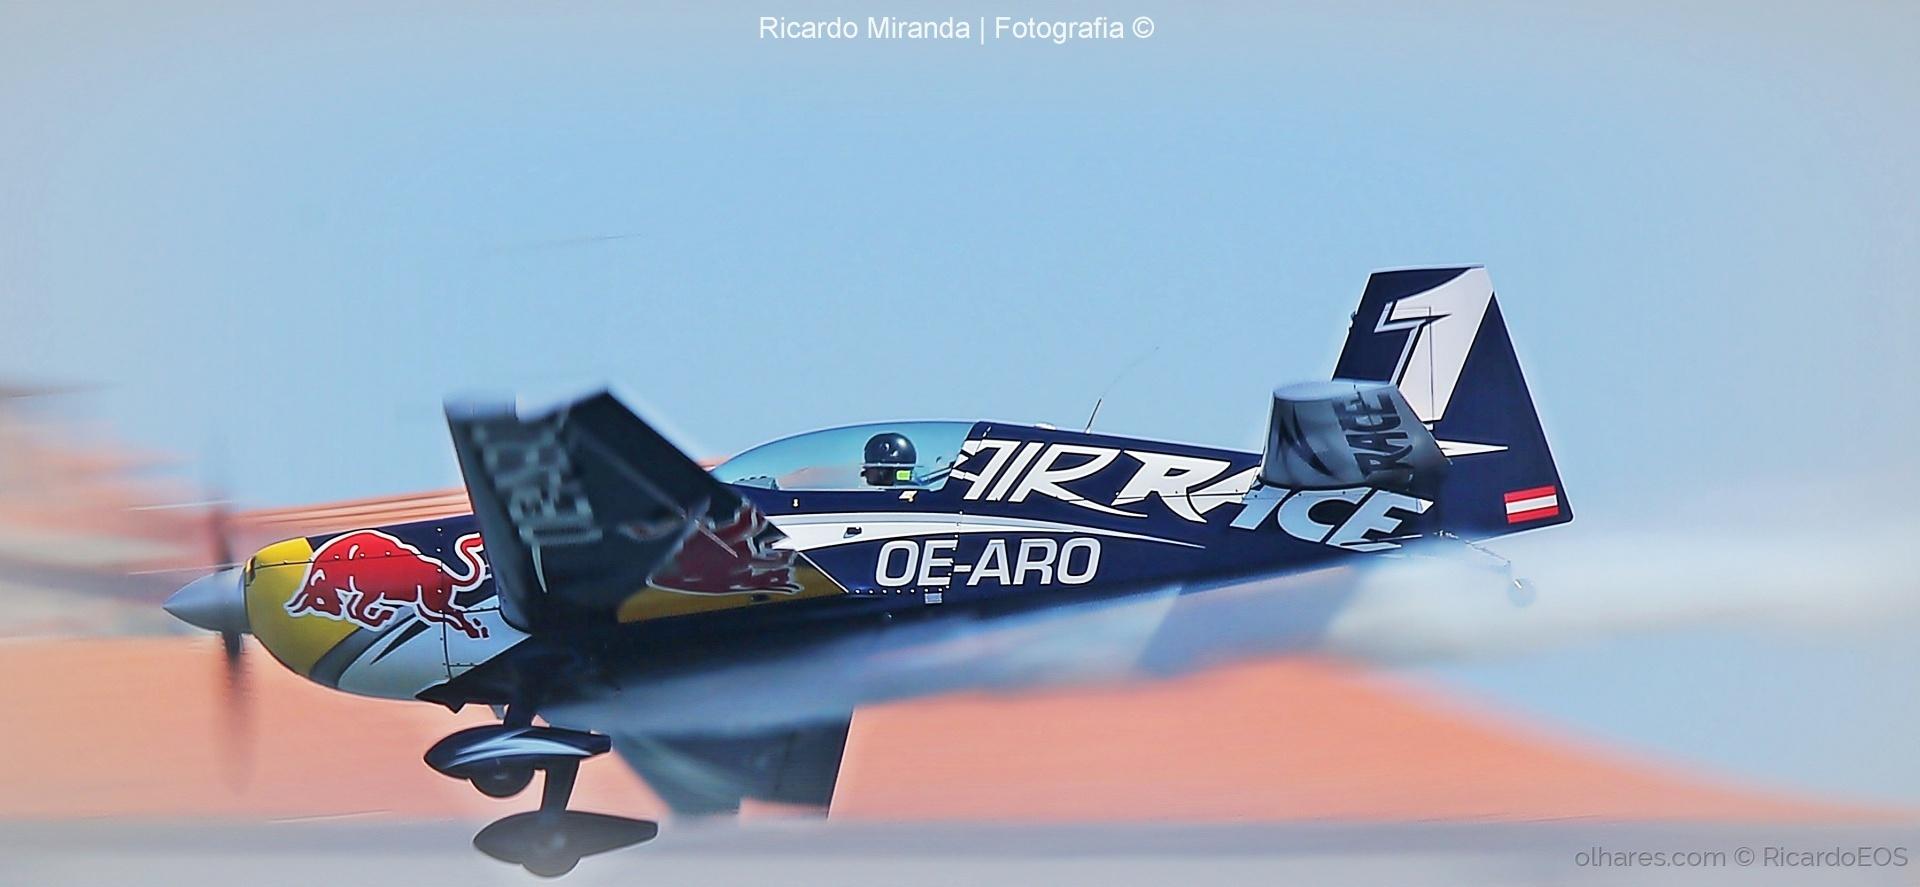 Desporto e Ação/Red Bull Air Race- PORTO 2017 (parte 3)